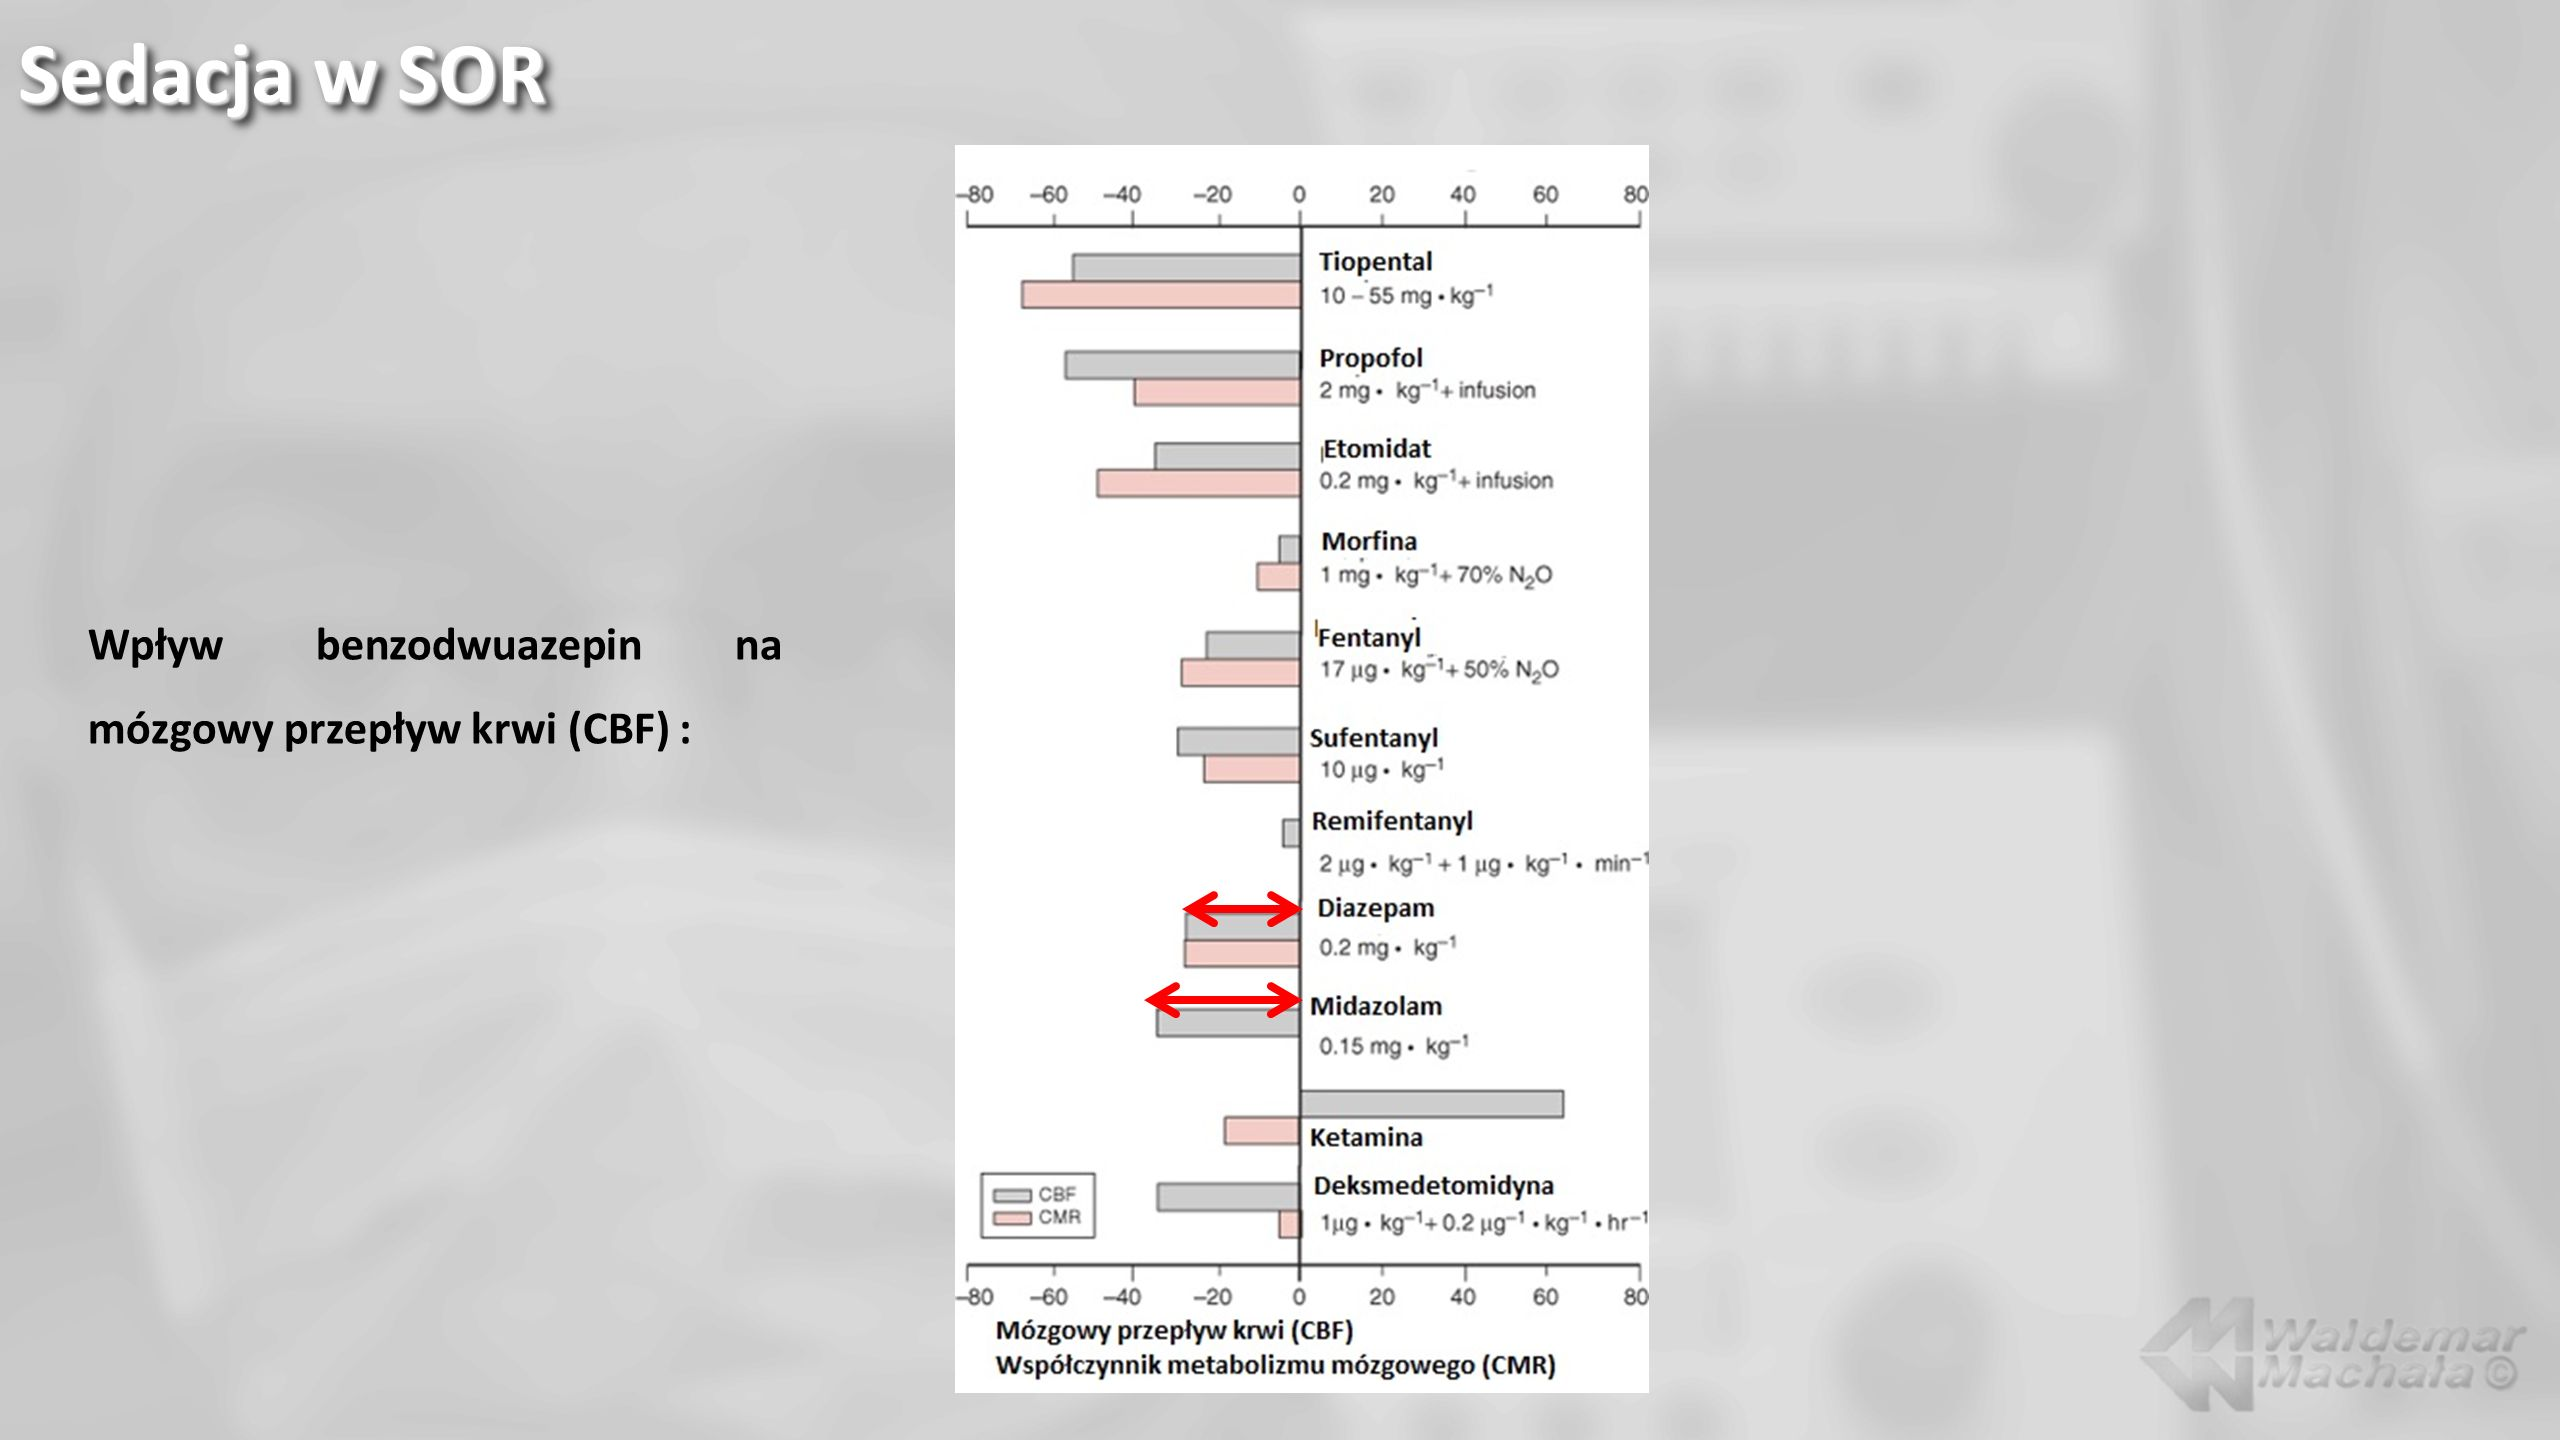 Sedacja w SOR Wpływ benzodwuazepin na mózgowy przepływ krwi (CBF) :